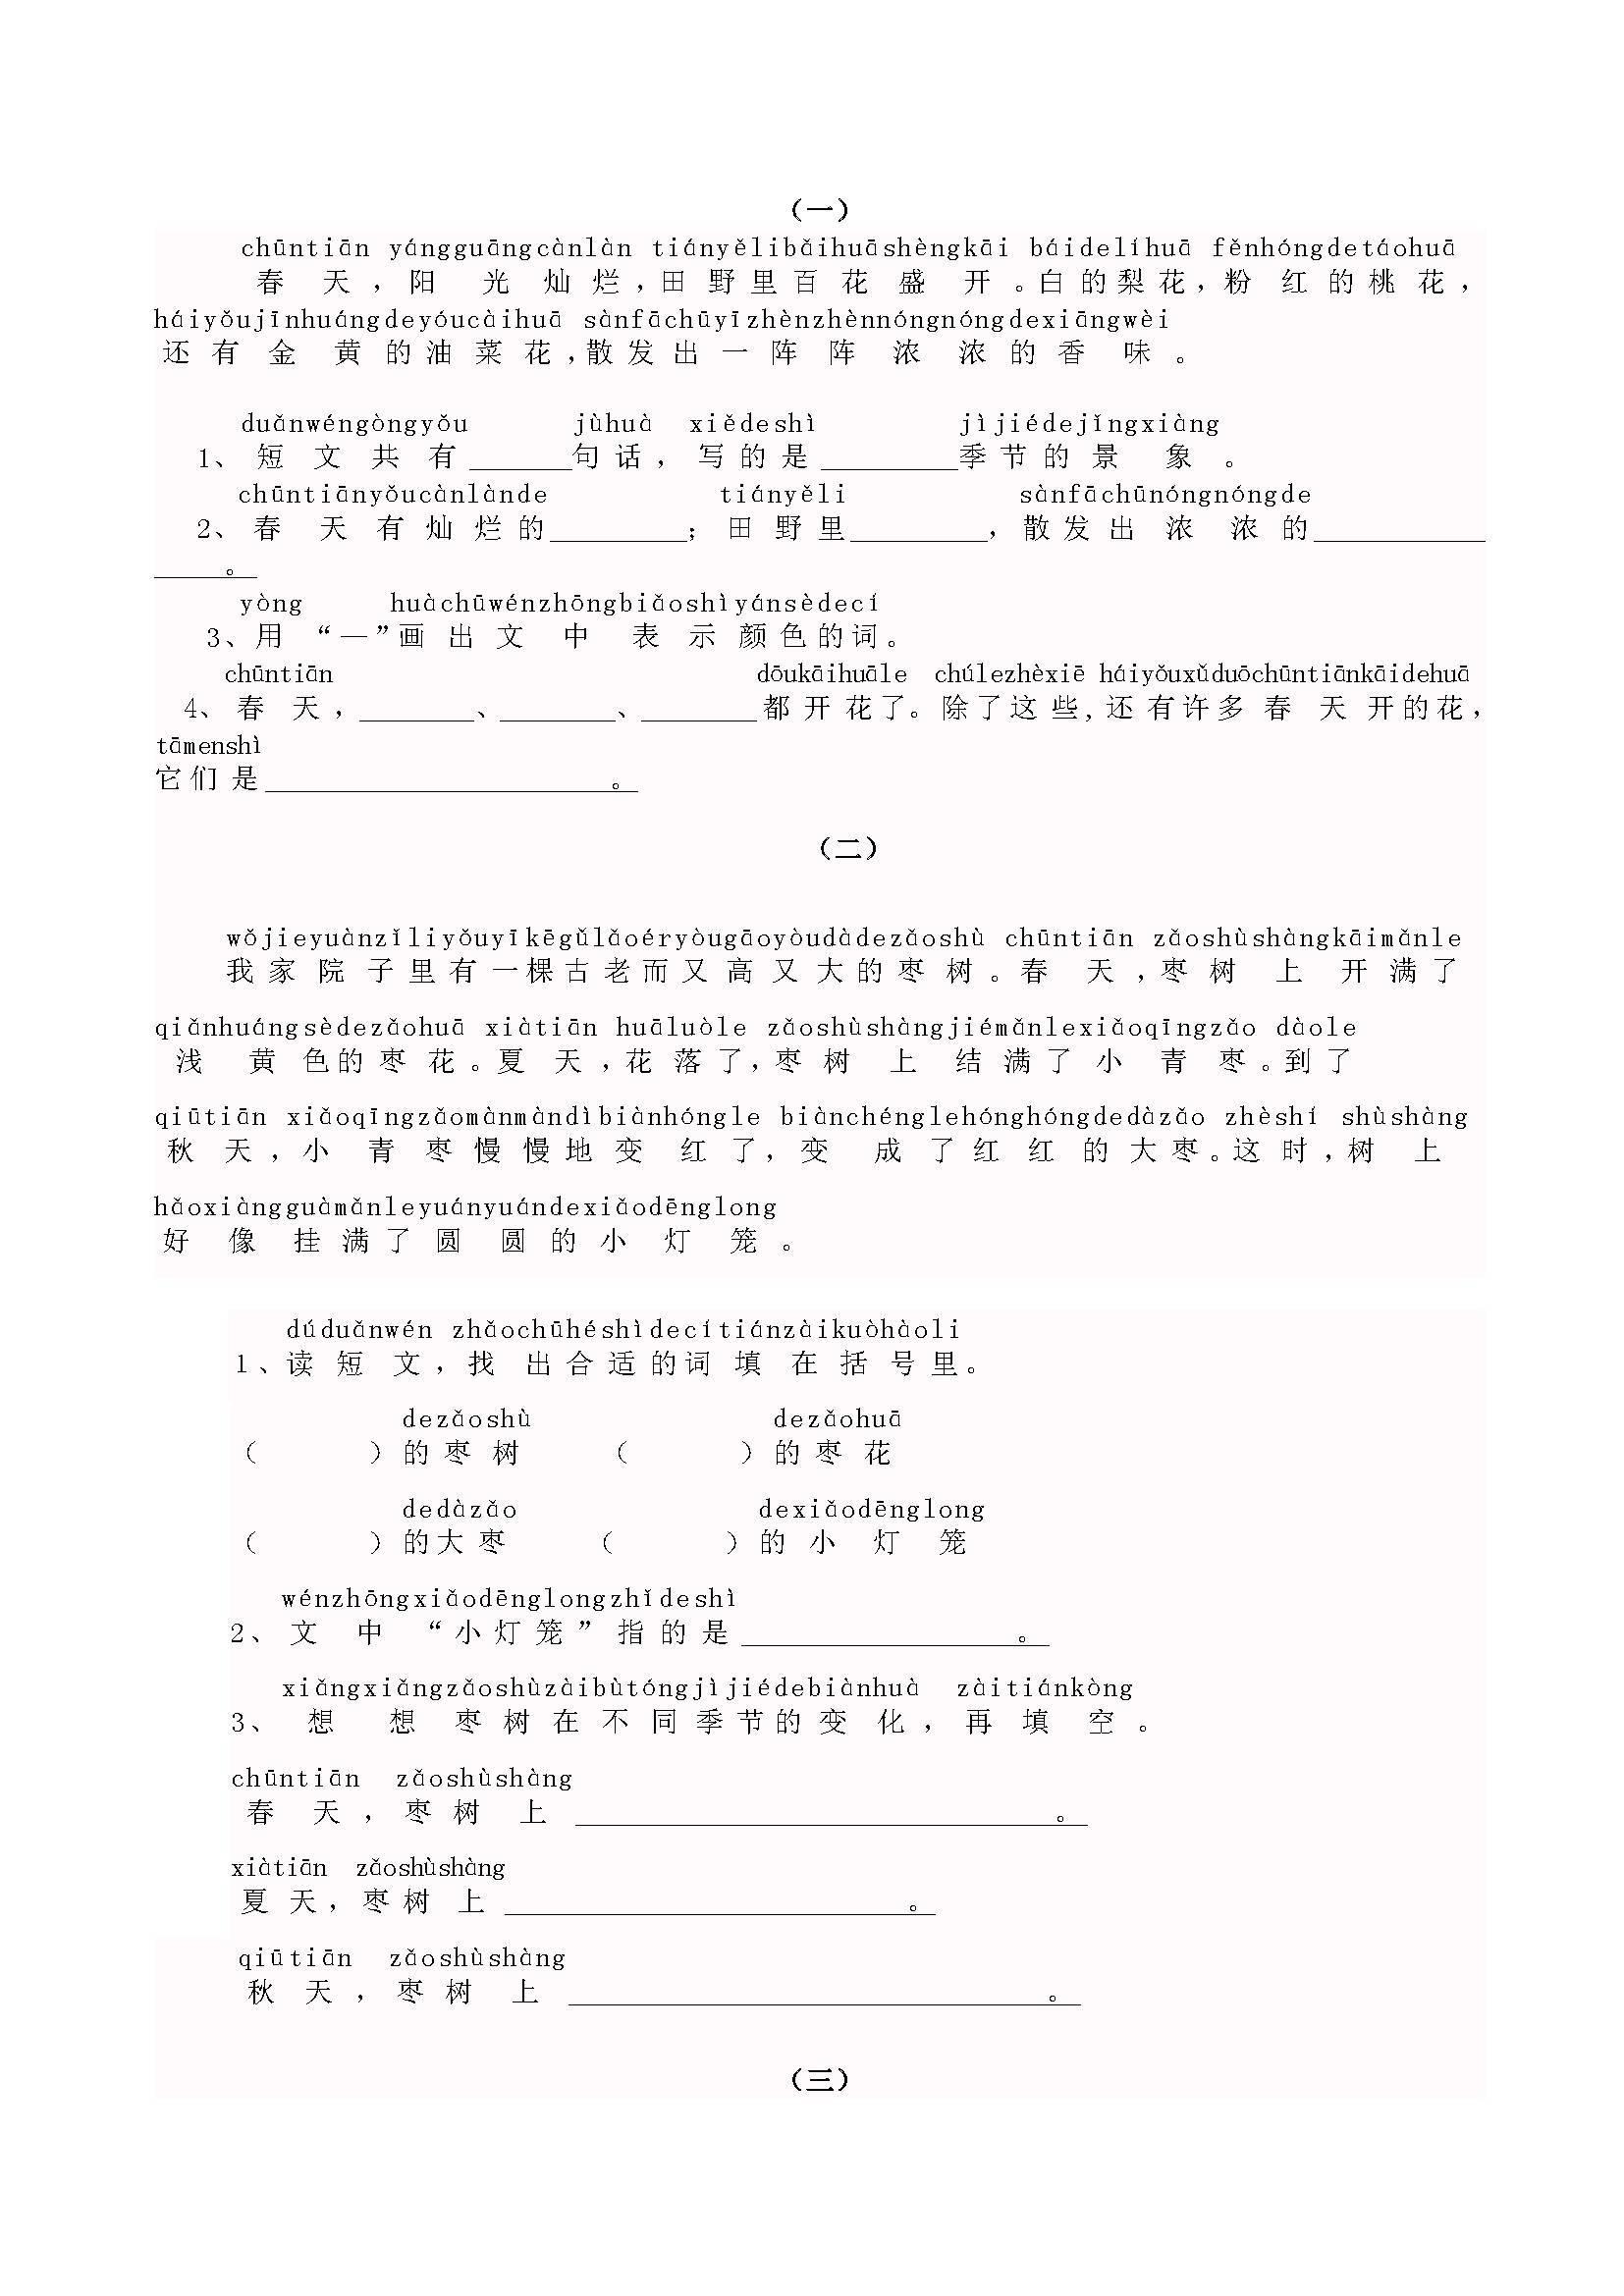 小学一年级语文带拼音阅读练习题